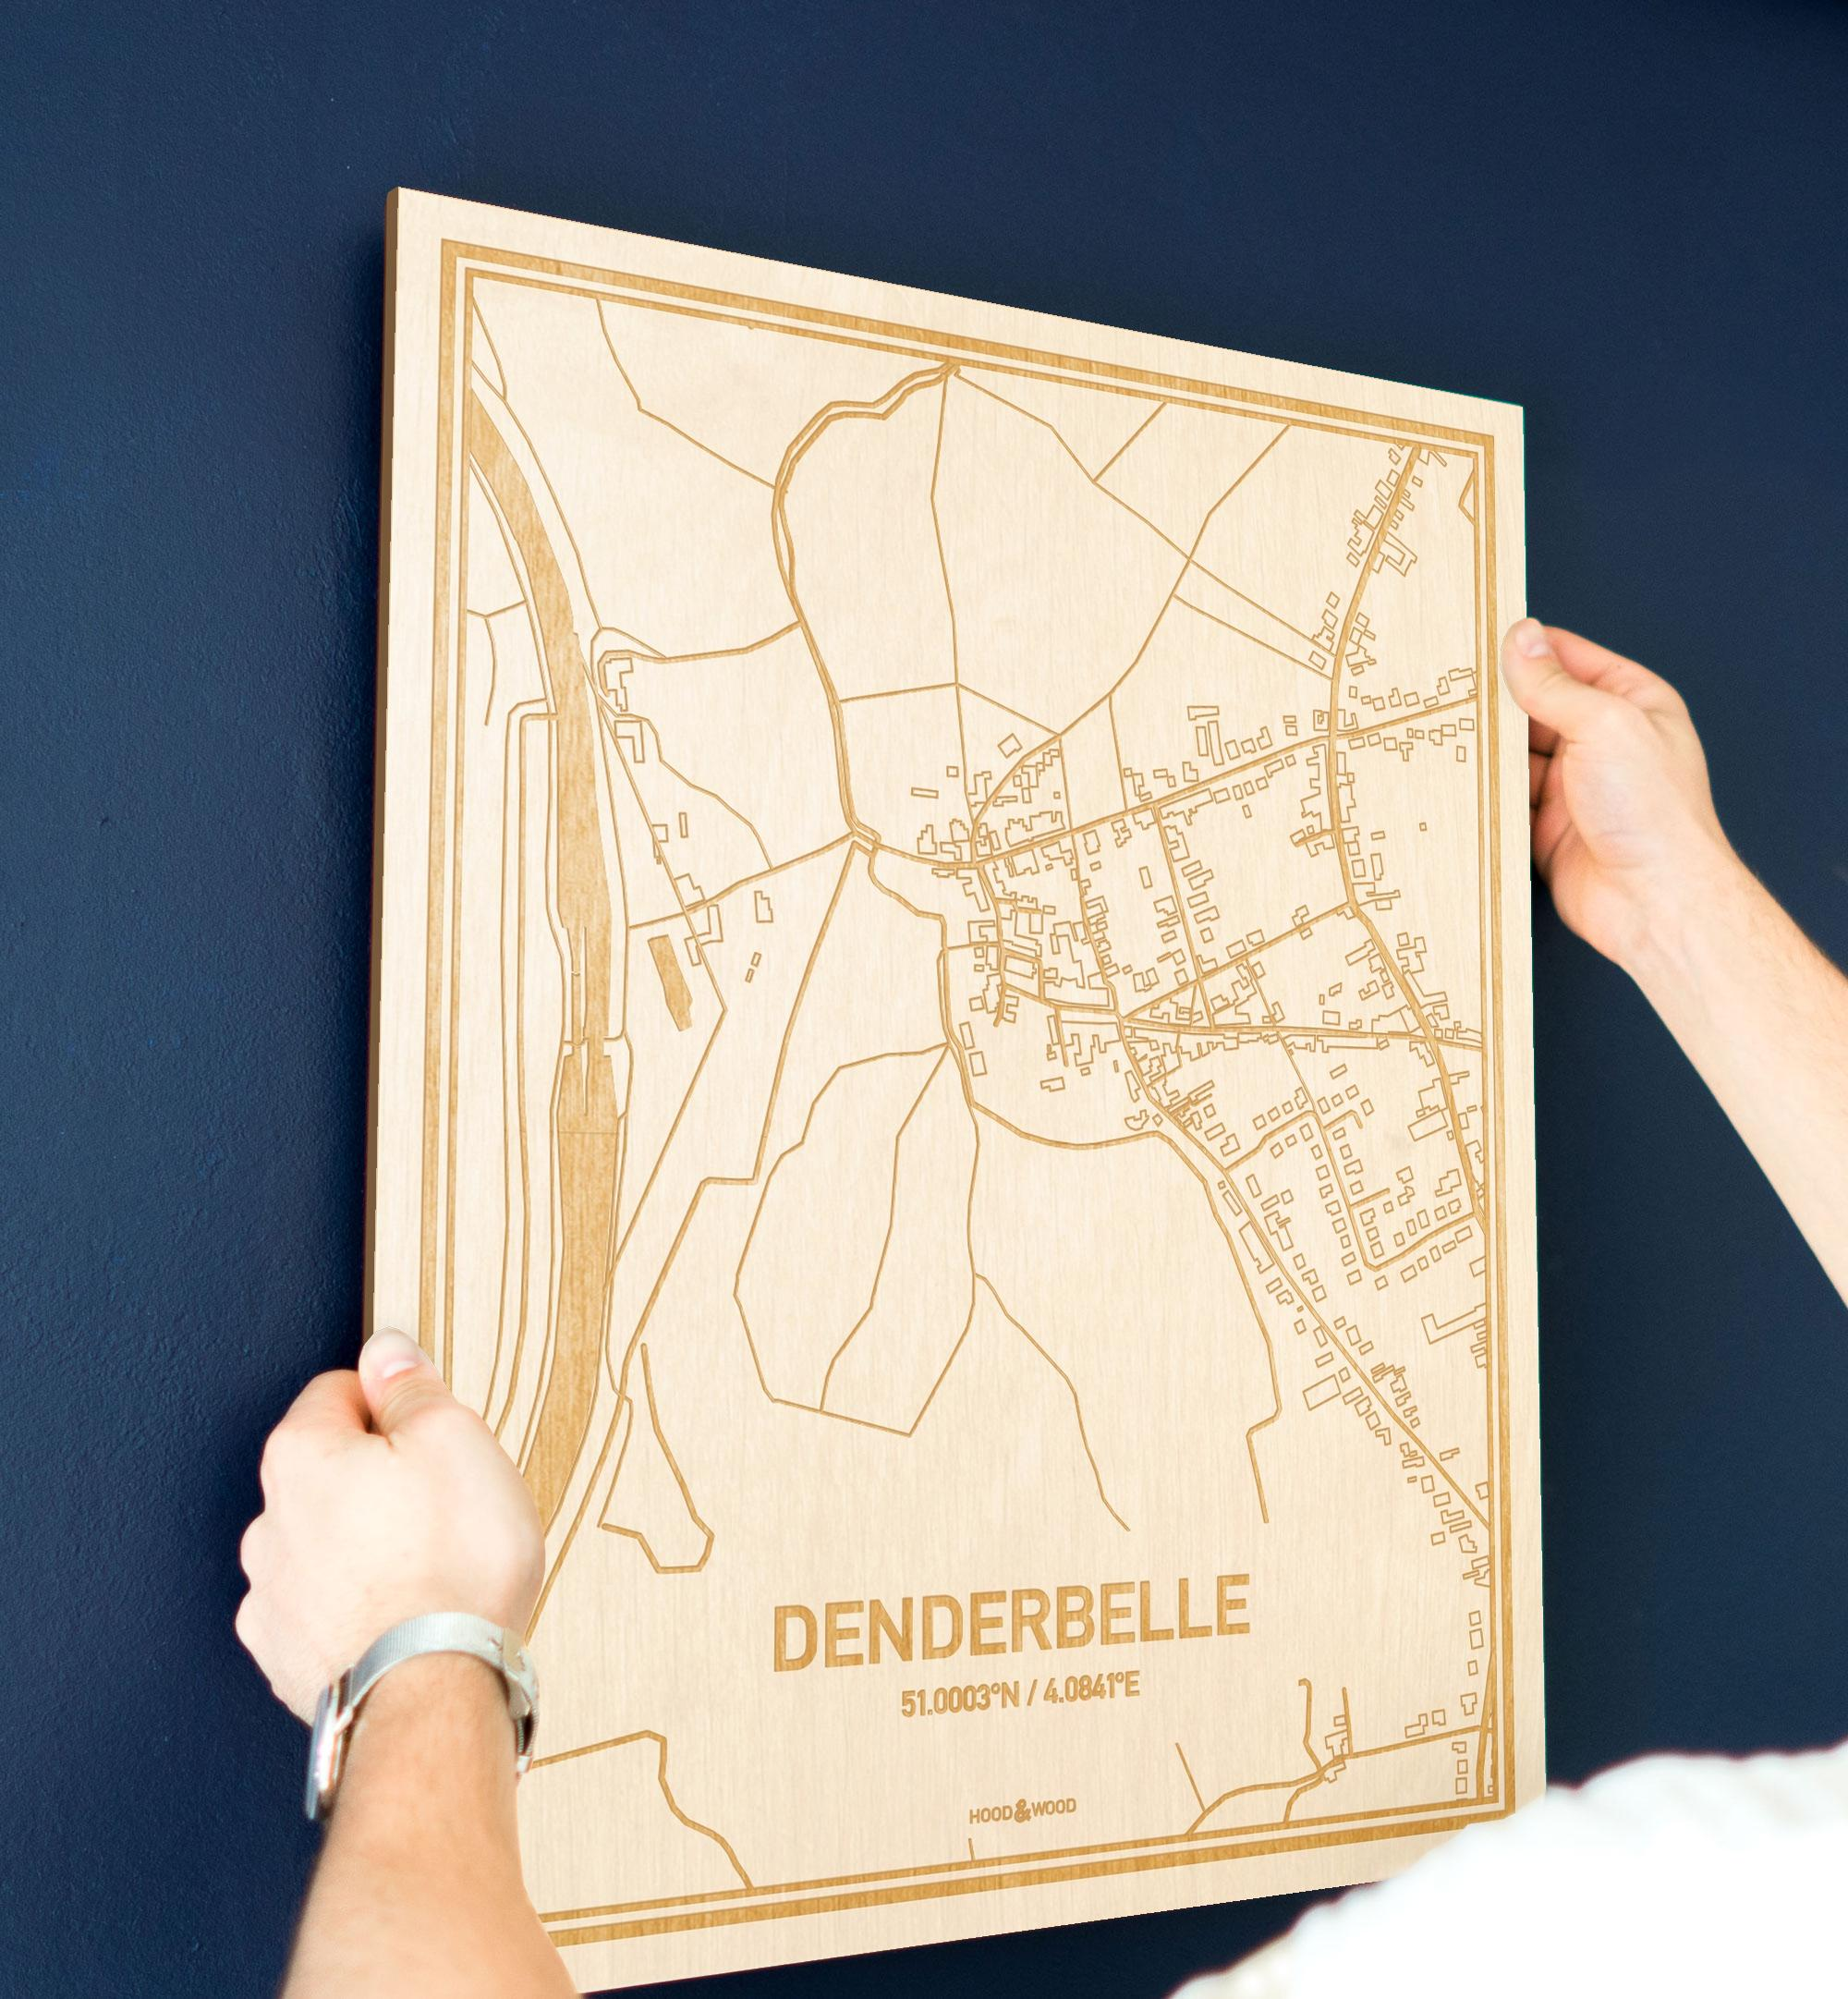 Een man hangt de houten plattegrond Denderbelle aan zijn blauwe muur ter decoratie. Je ziet alleen zijn handen de kaart van deze unieke in Oost-Vlaanderen  vasthouden.